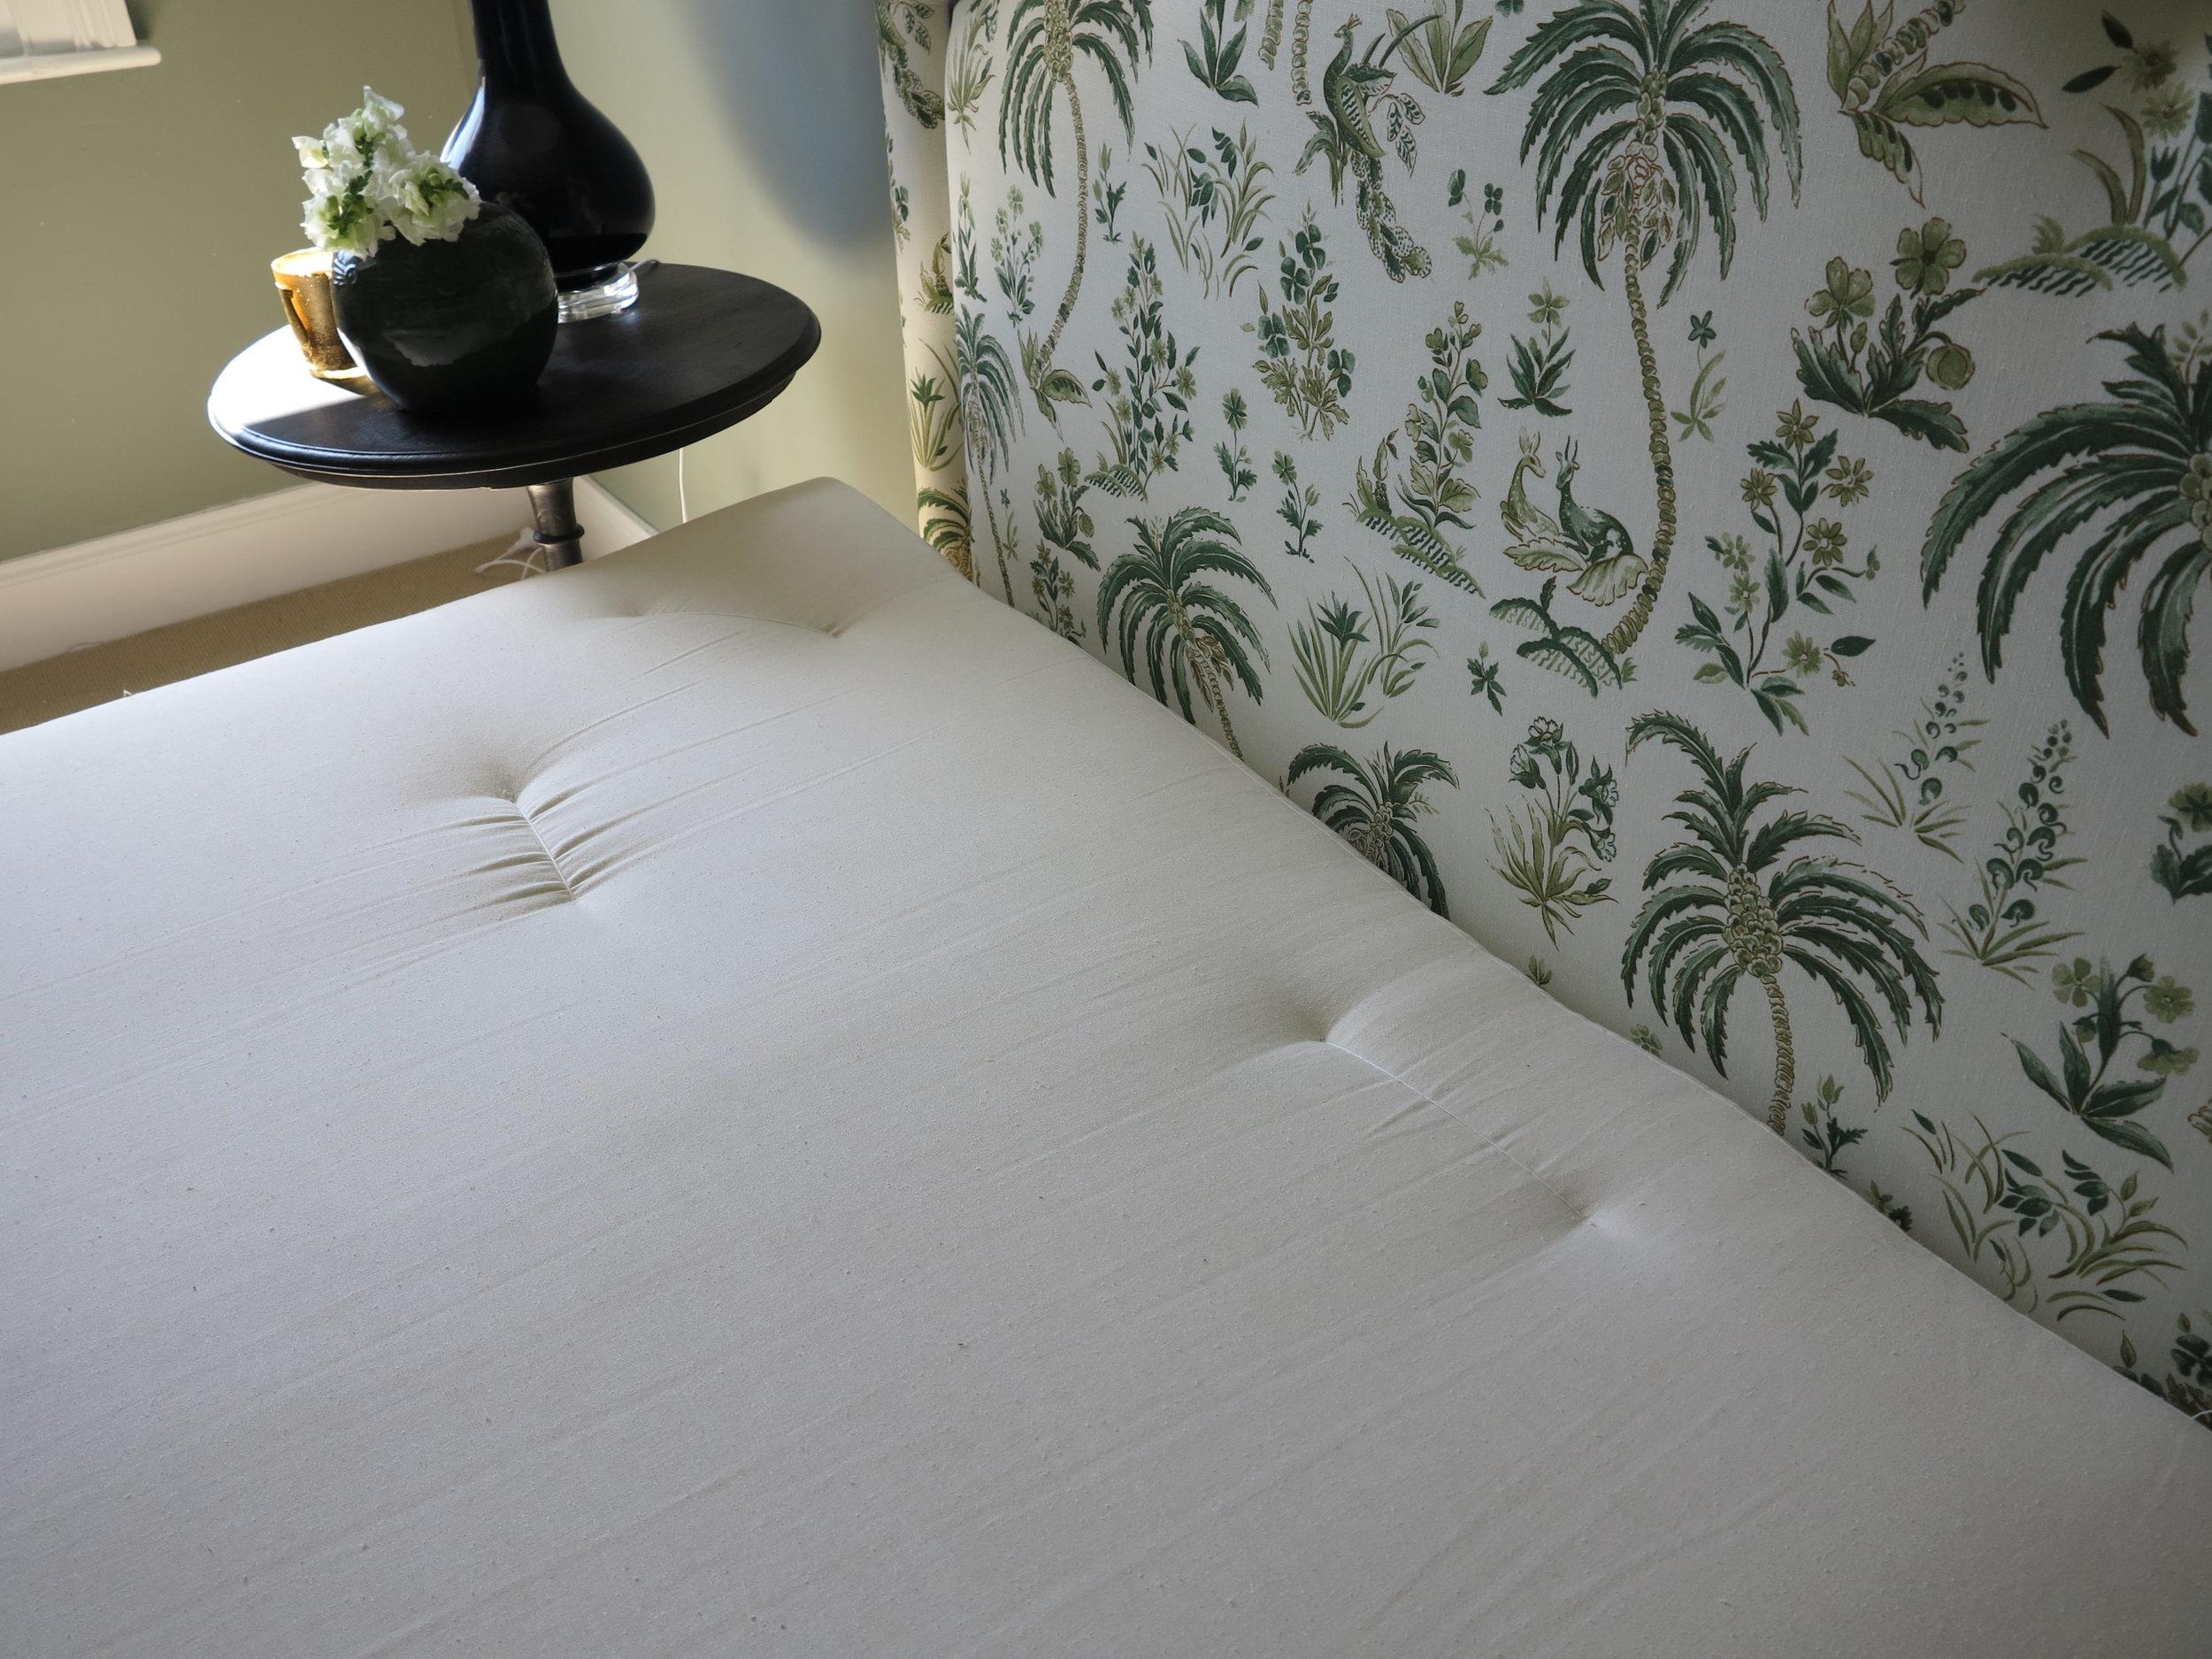 The Dreamer mattress.